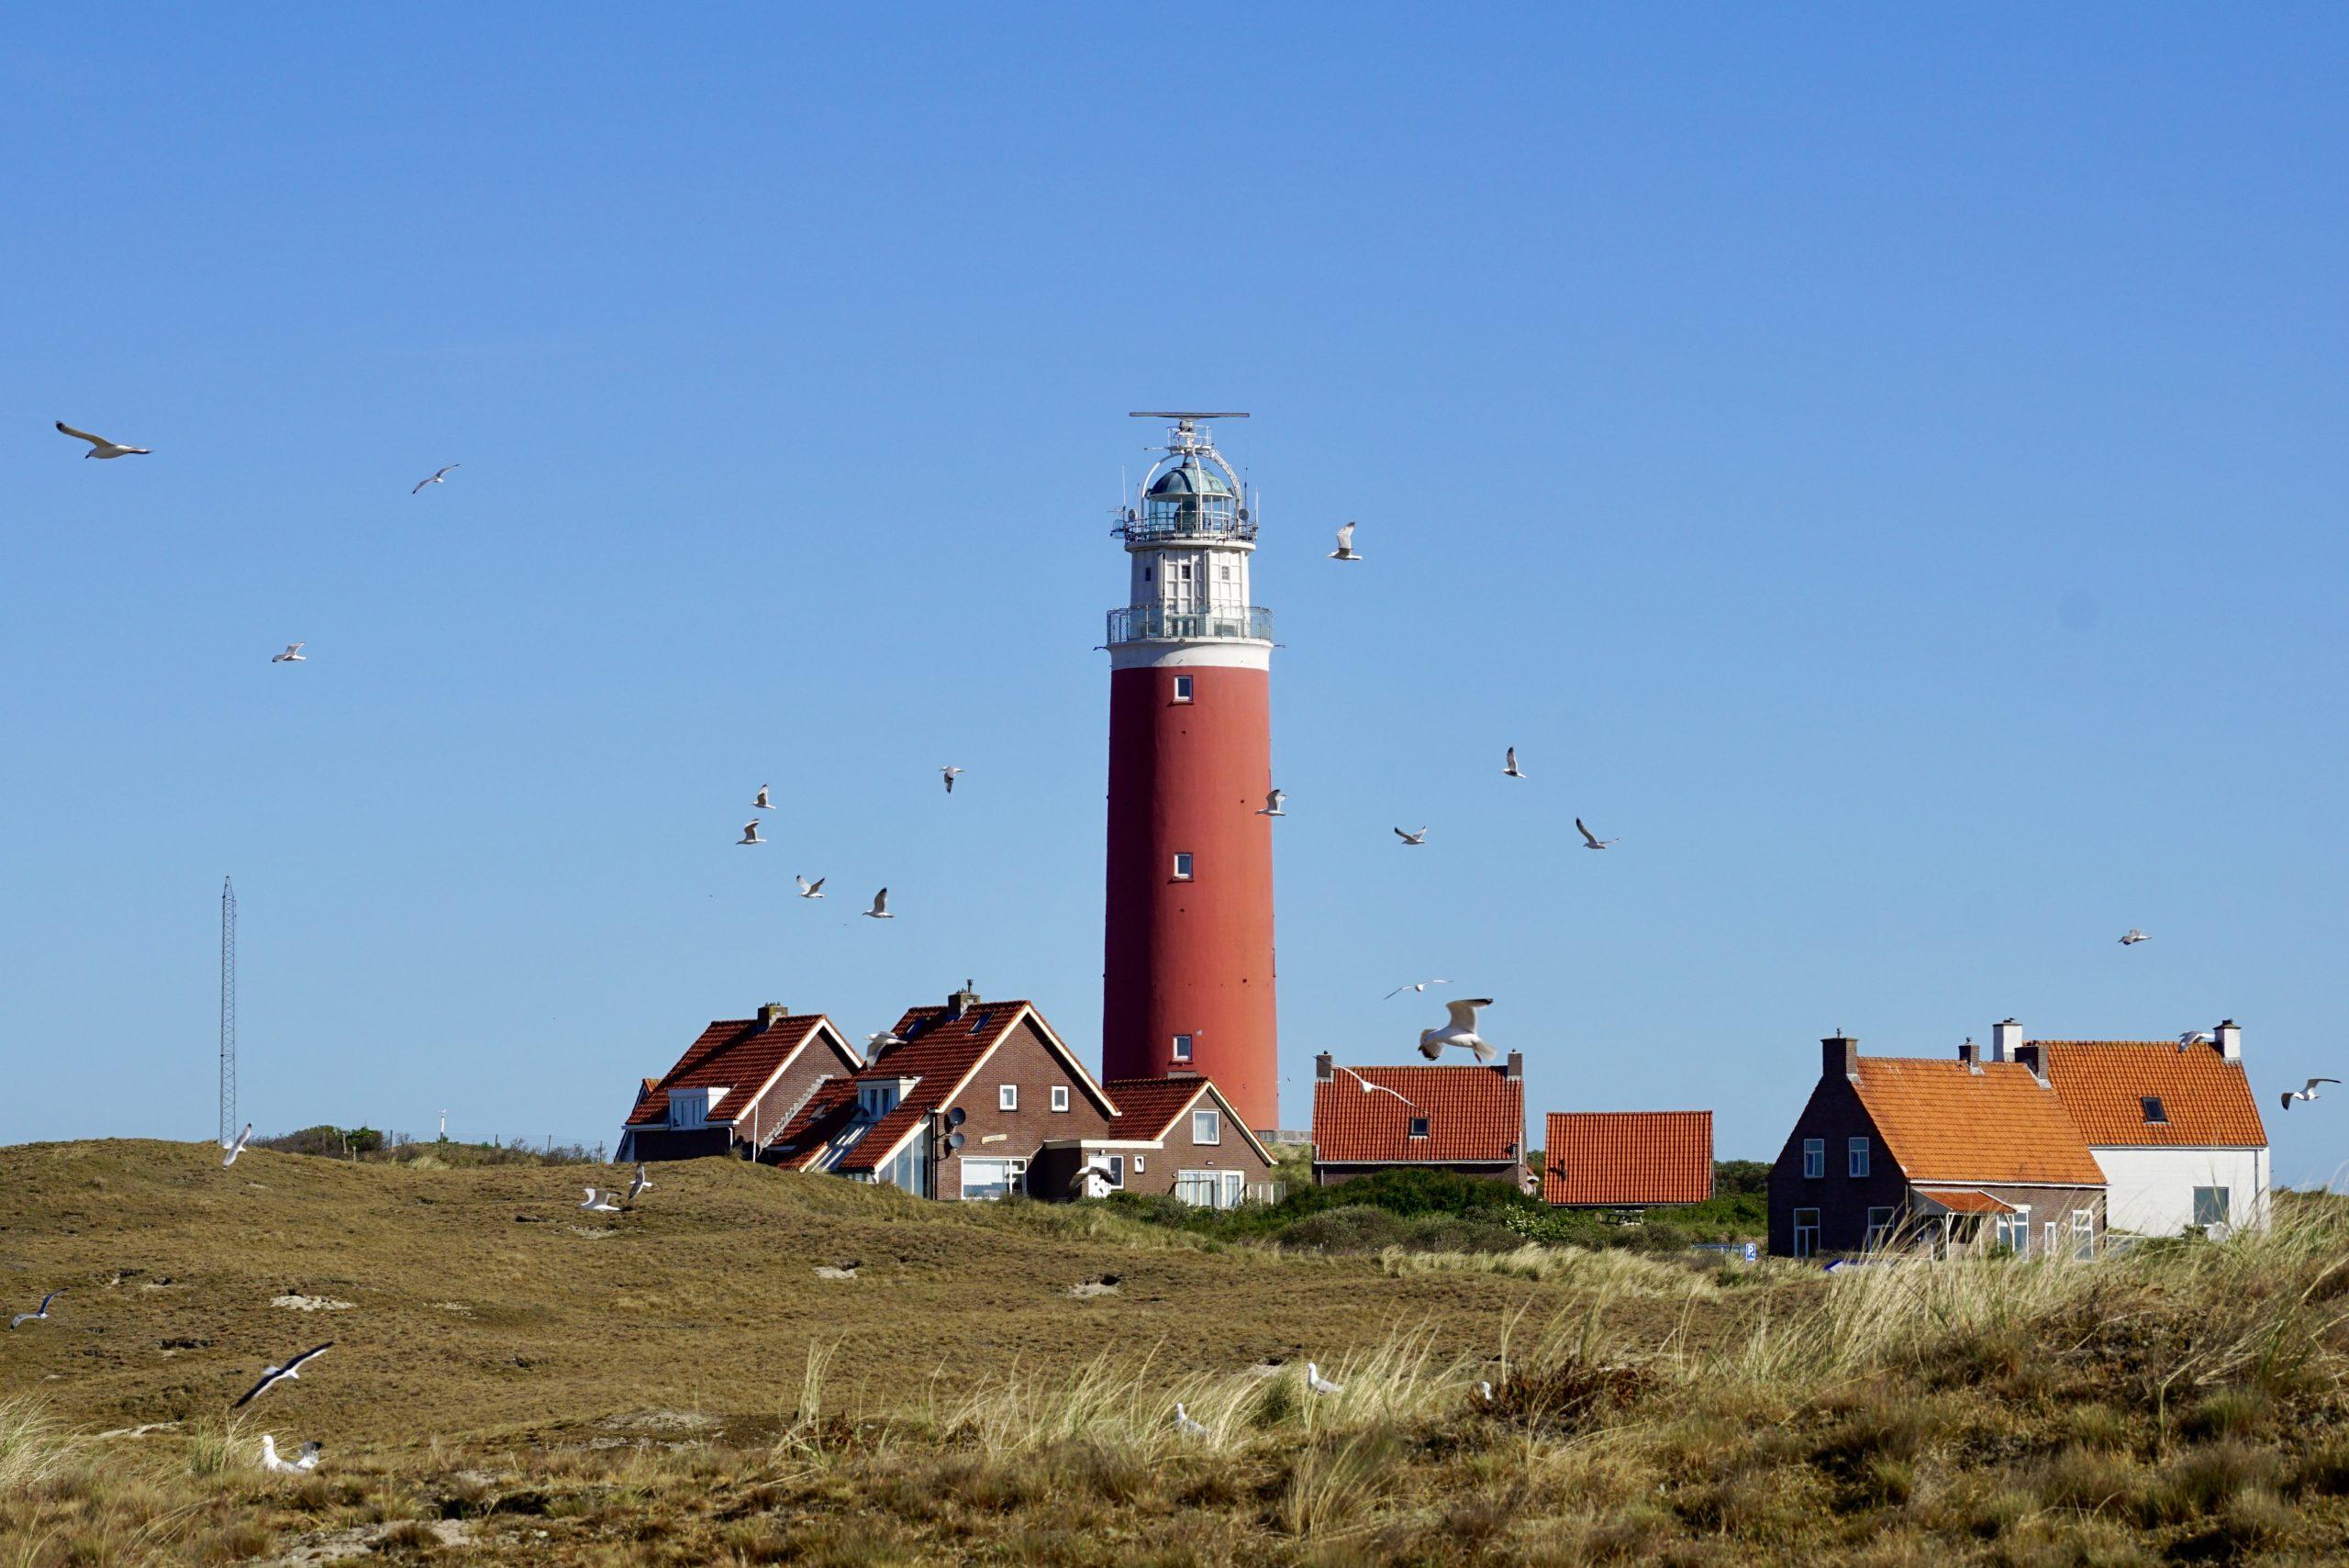 Die niederländische Insel Texel mit Möwen im Vordergrund